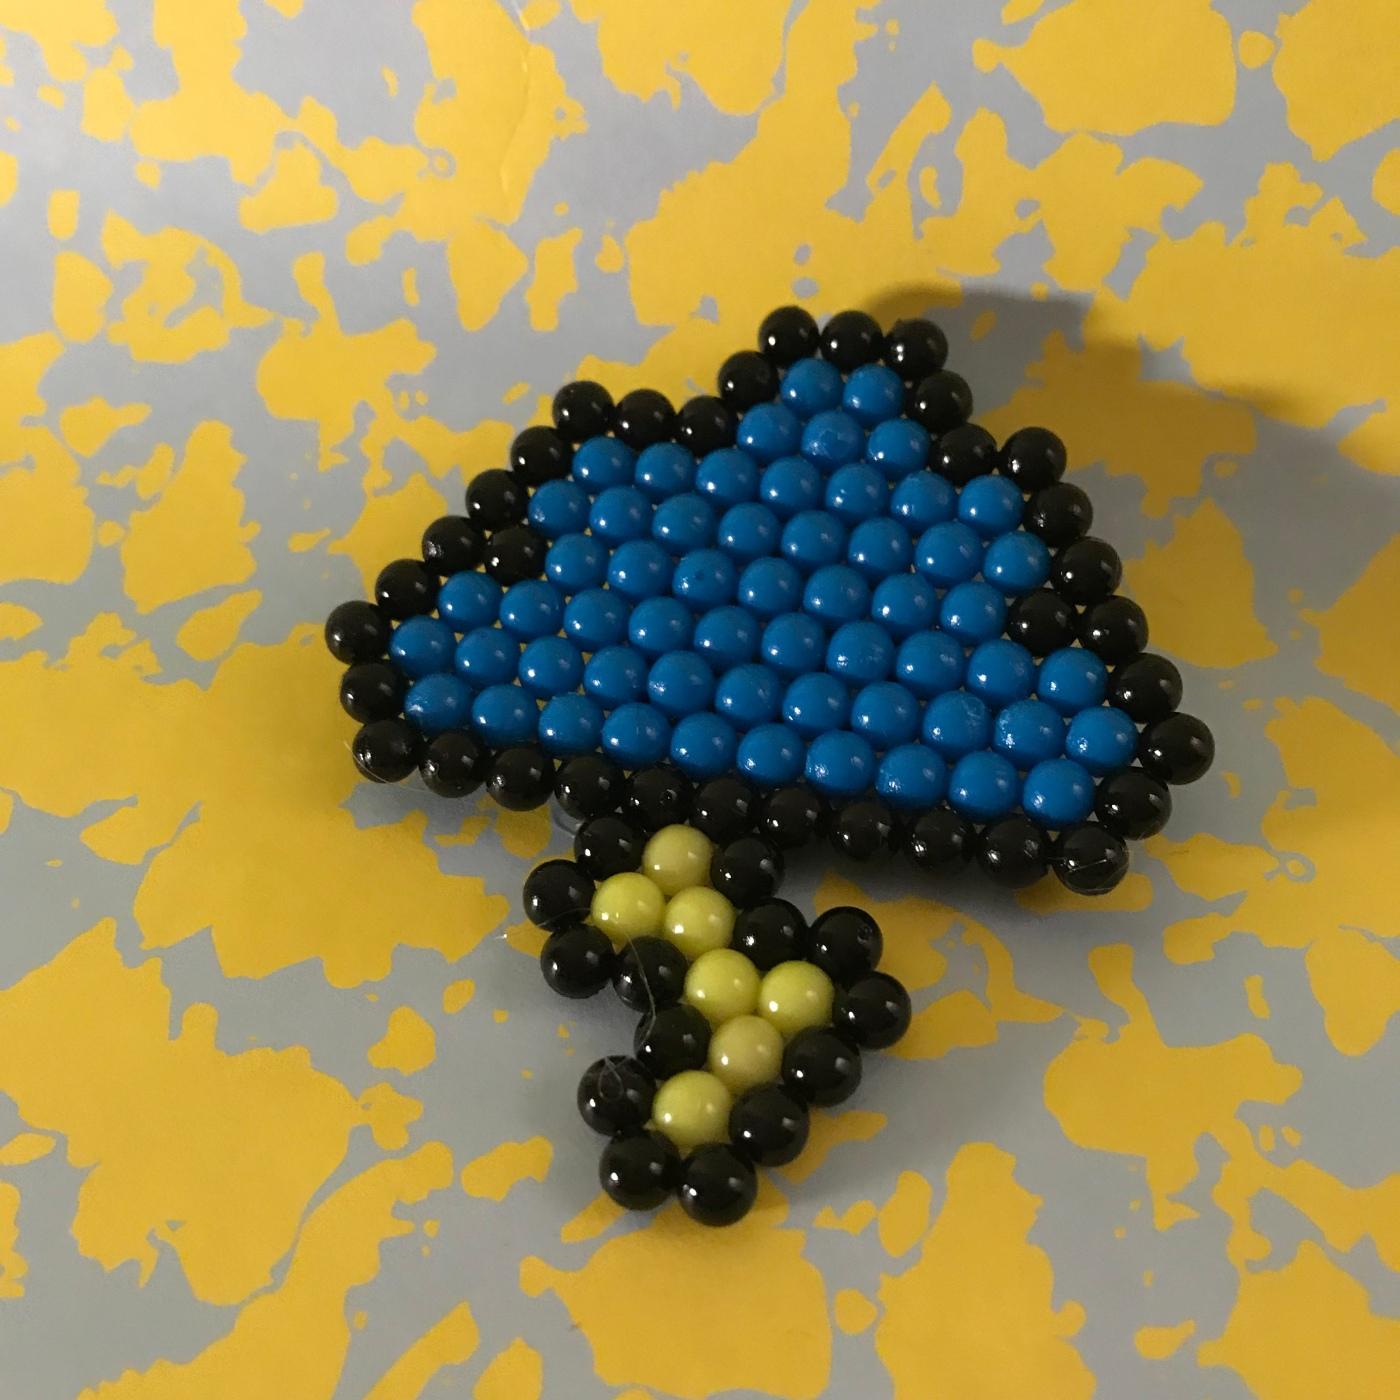 Ma passion pour les perles à eau - bricolage enfant - DIY - craft for kids - broche aquabeads - Image à la une